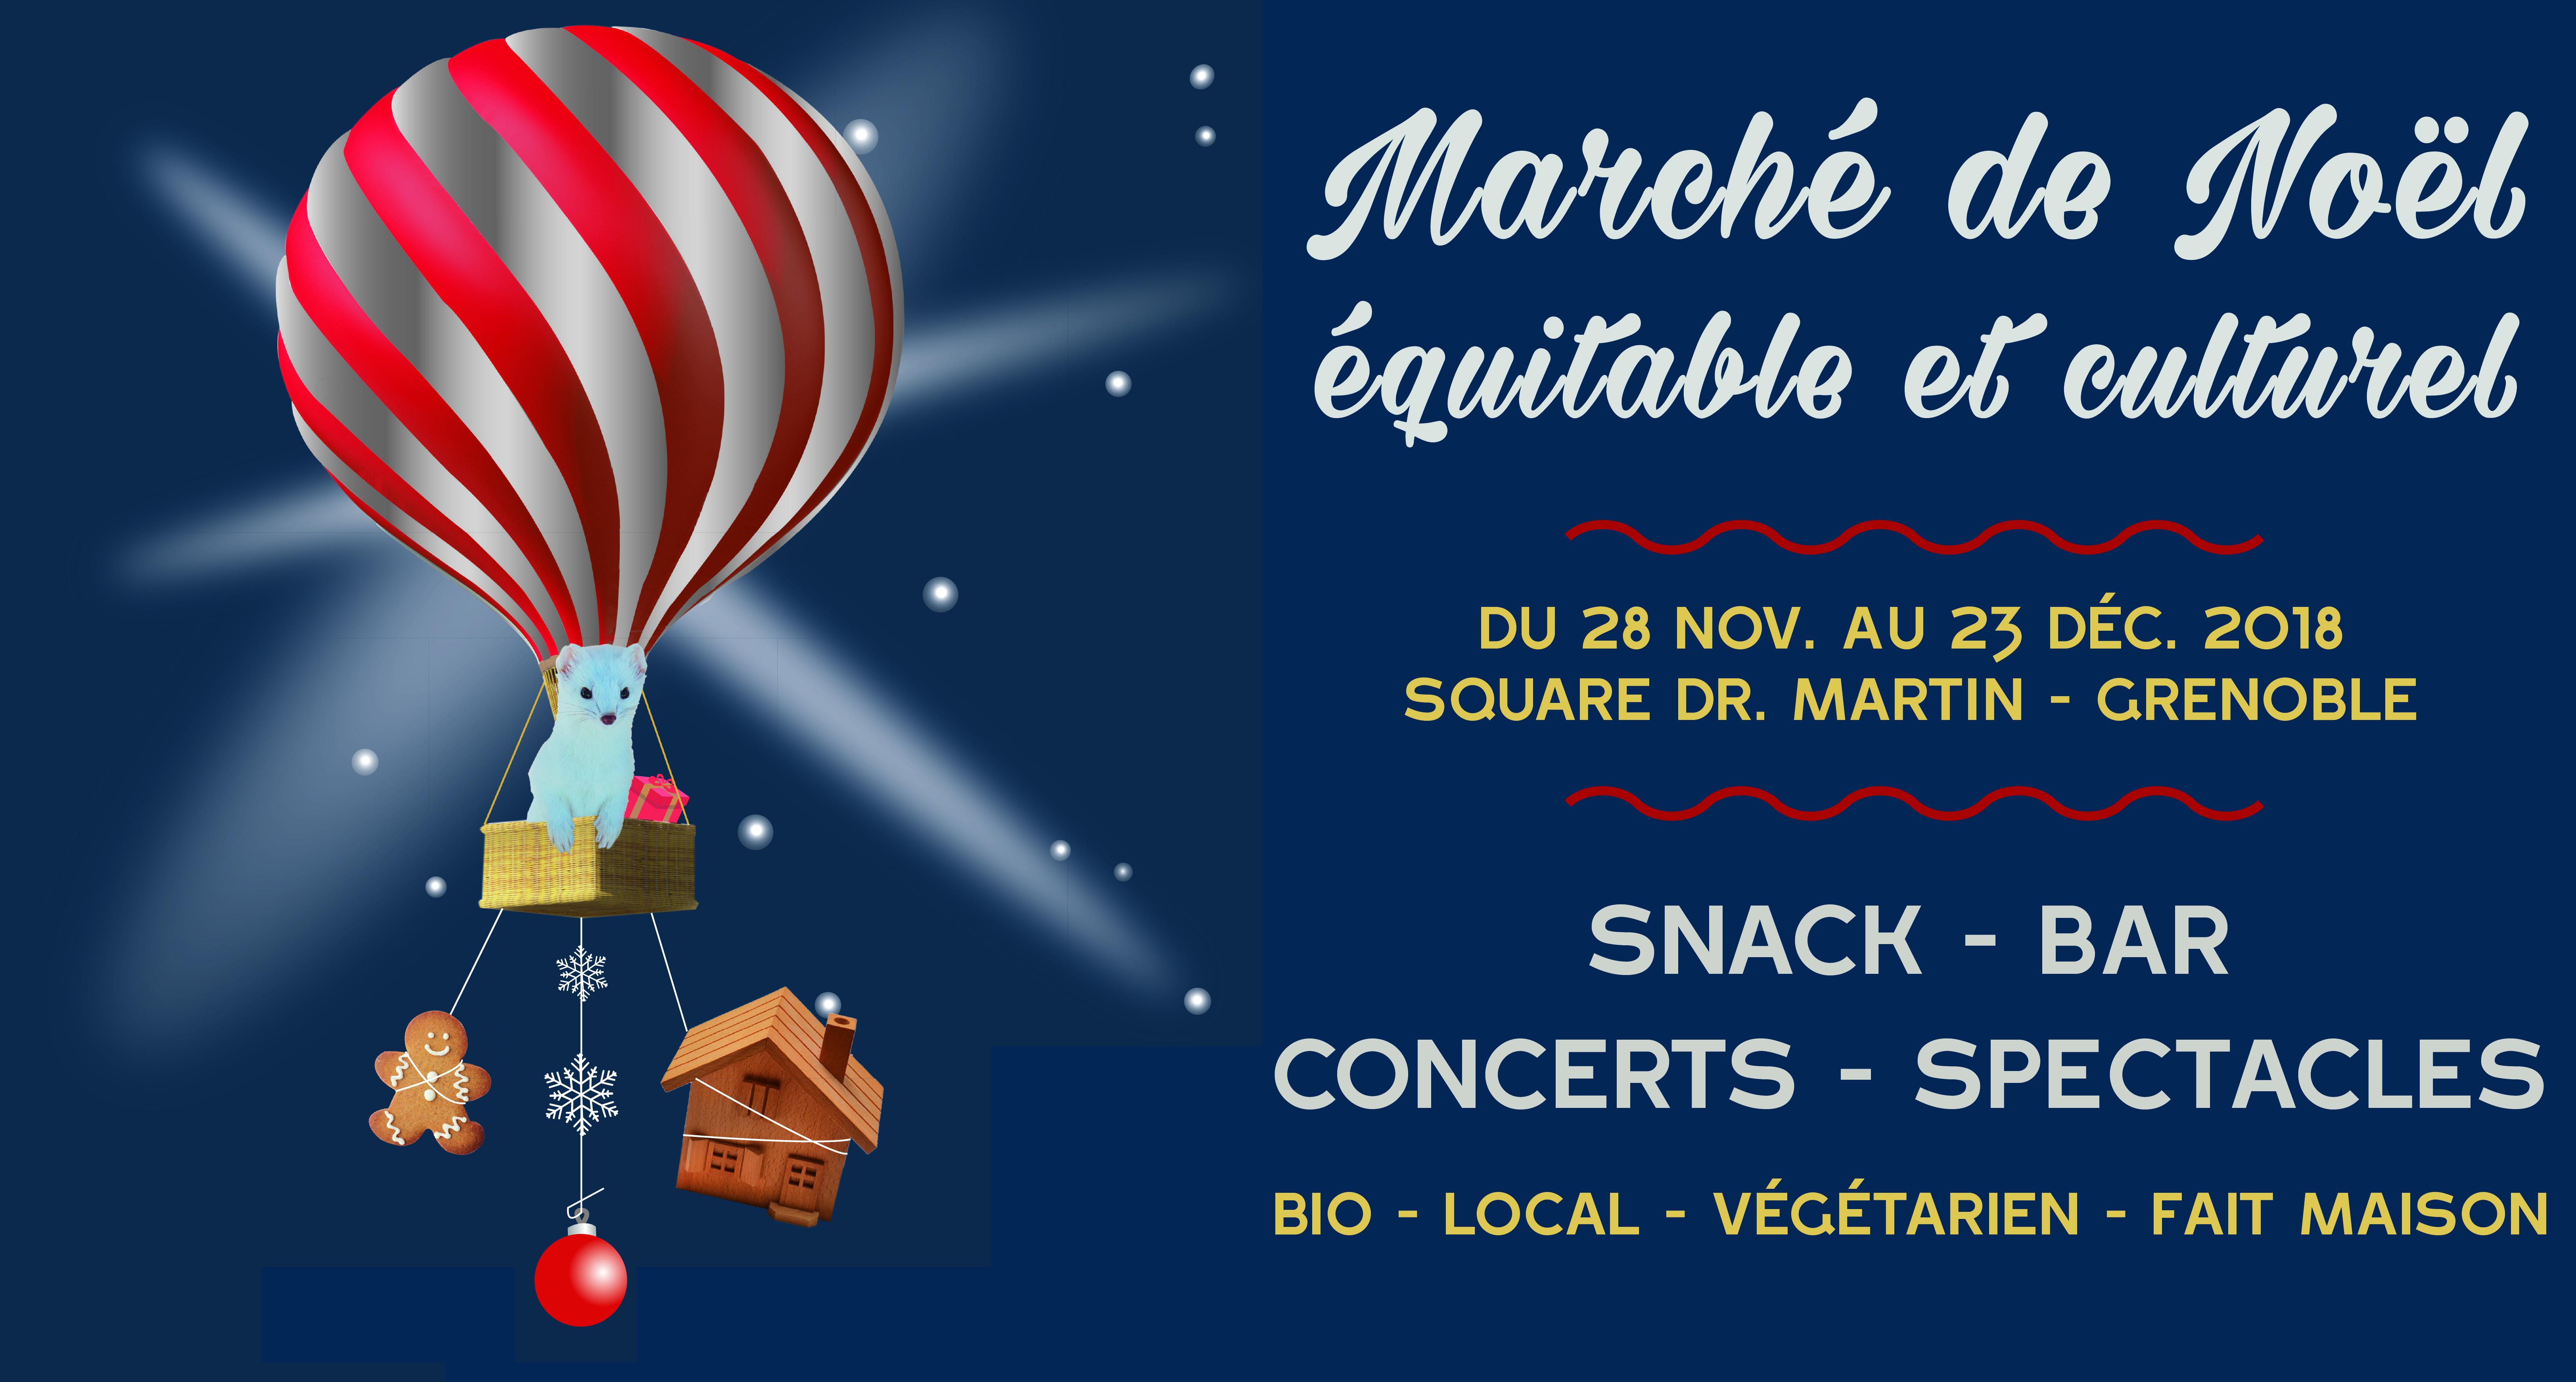 Marché de Noël Equitable et Culturel de Mix'Arts - Grenoble